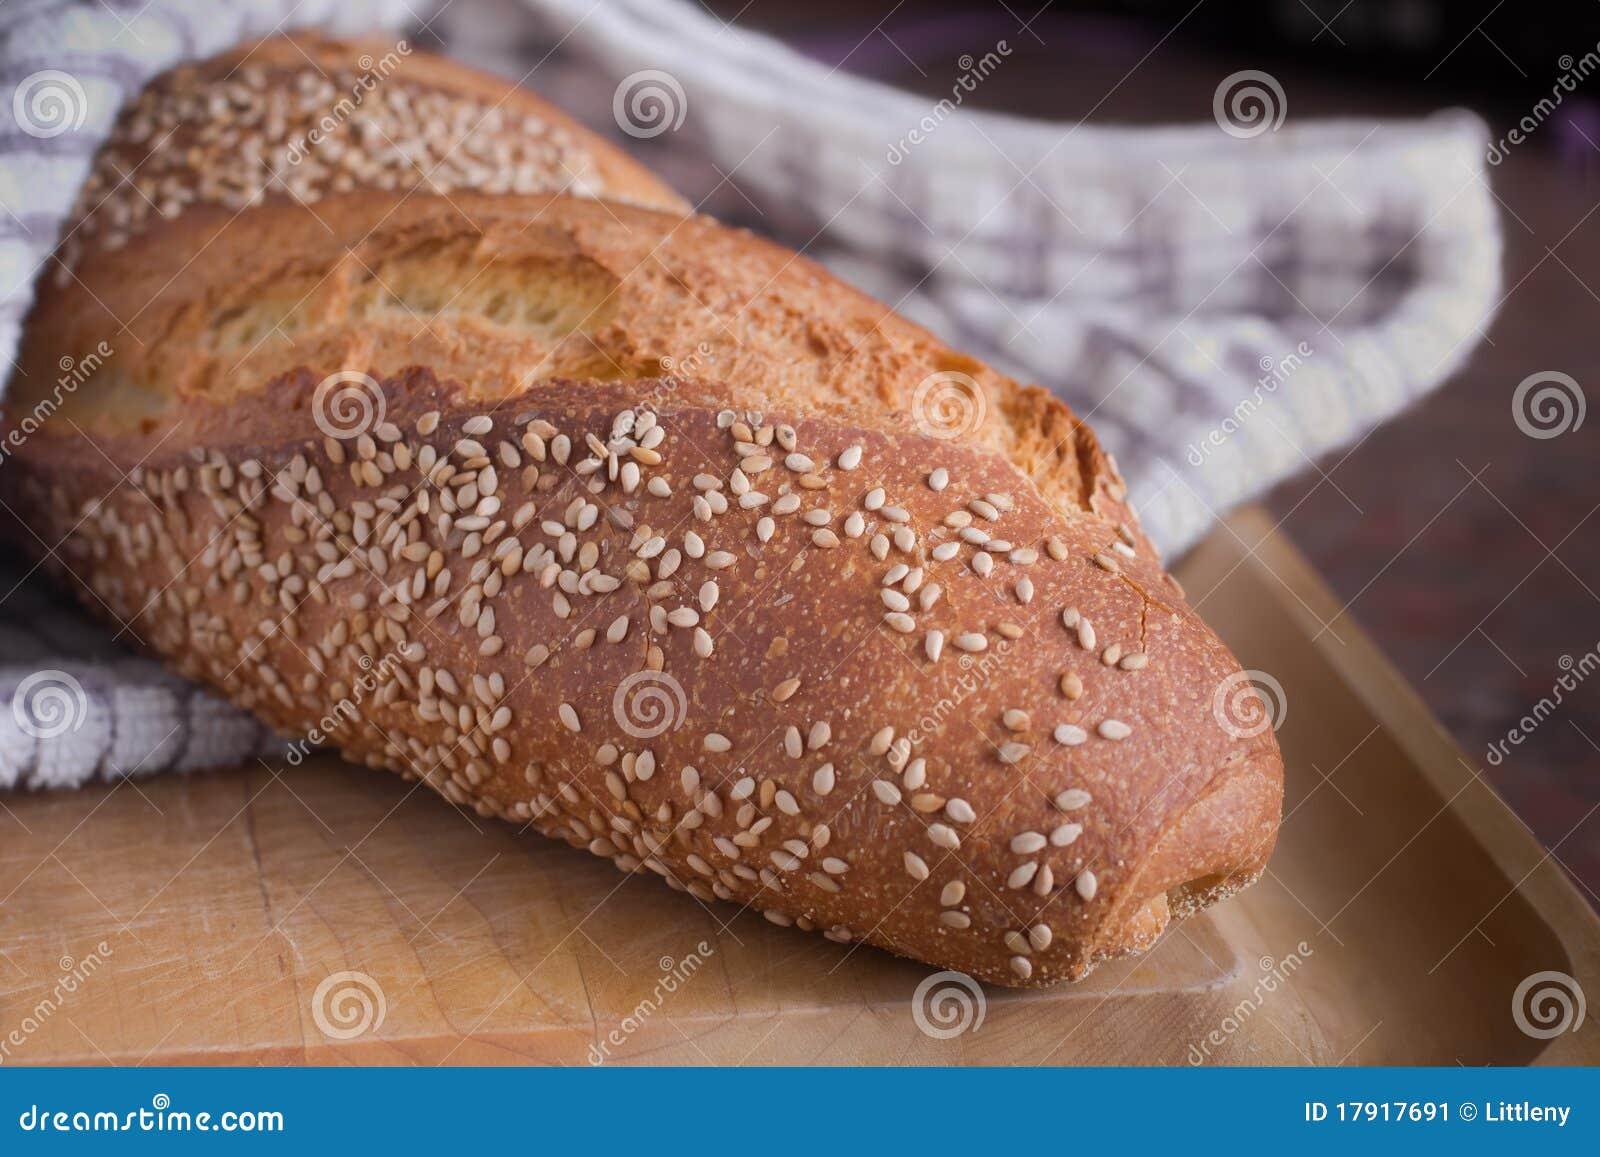 Loaf of Italian Bread